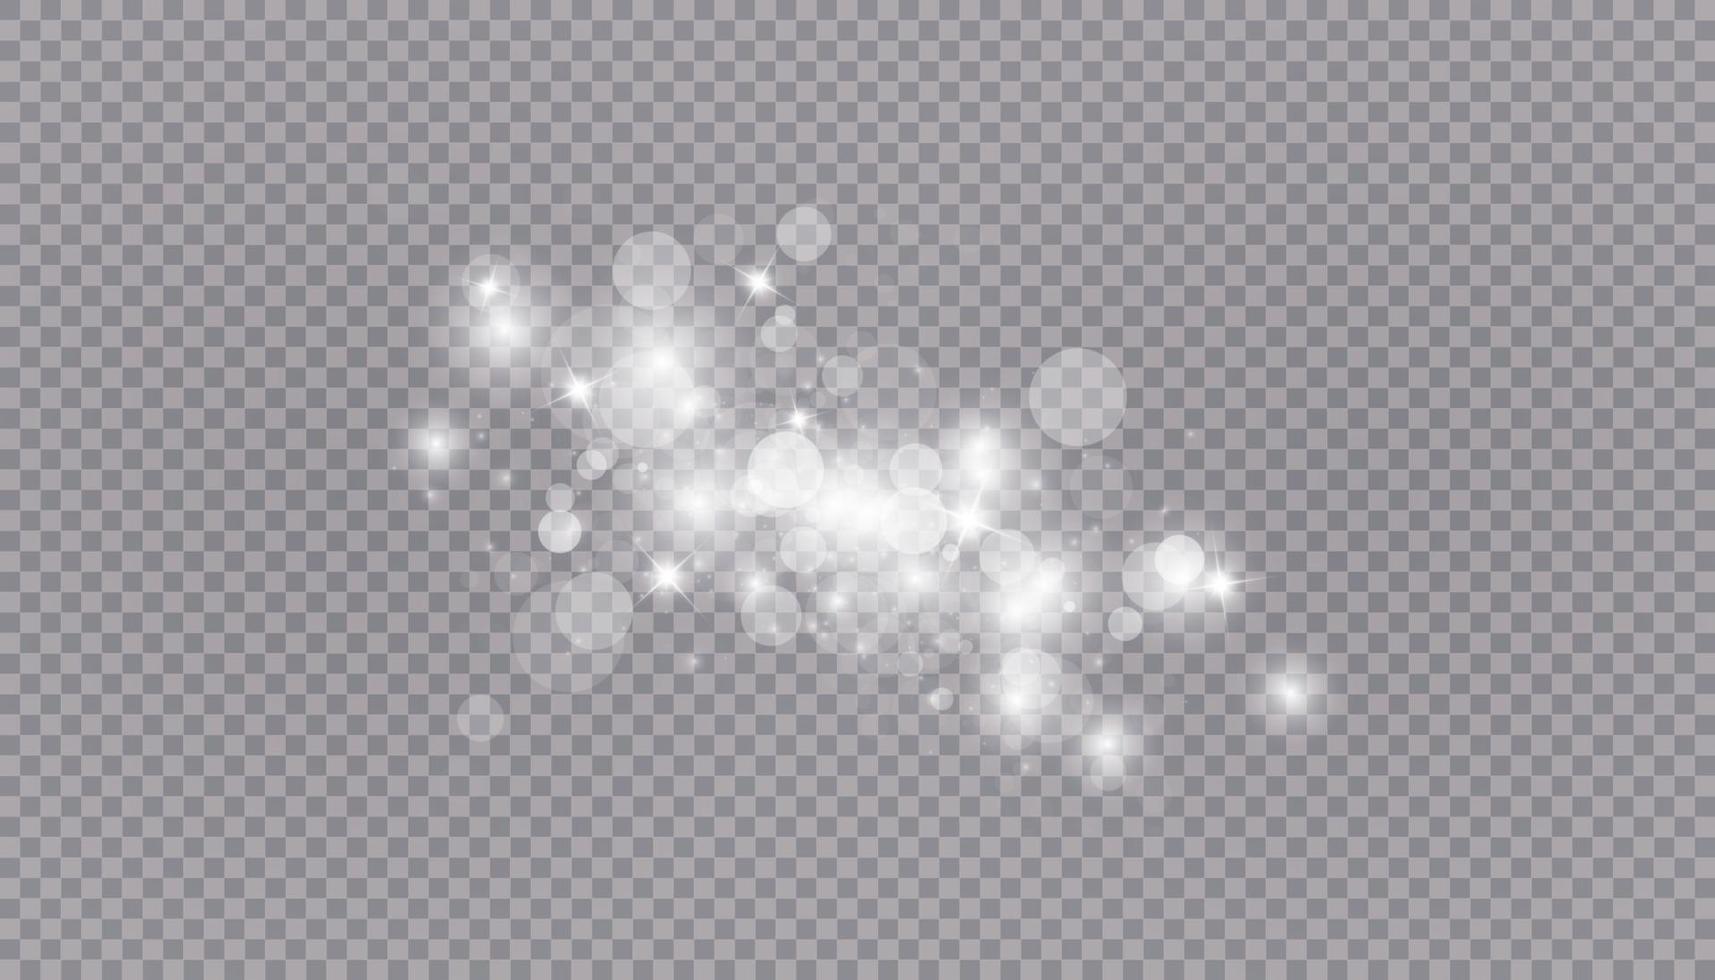 effet de lumière rougeoyante avec fond isolé de nombreuses particules de paillettes. nuage étoilé de vecteur avec de la poussière. décoration de Noël magique